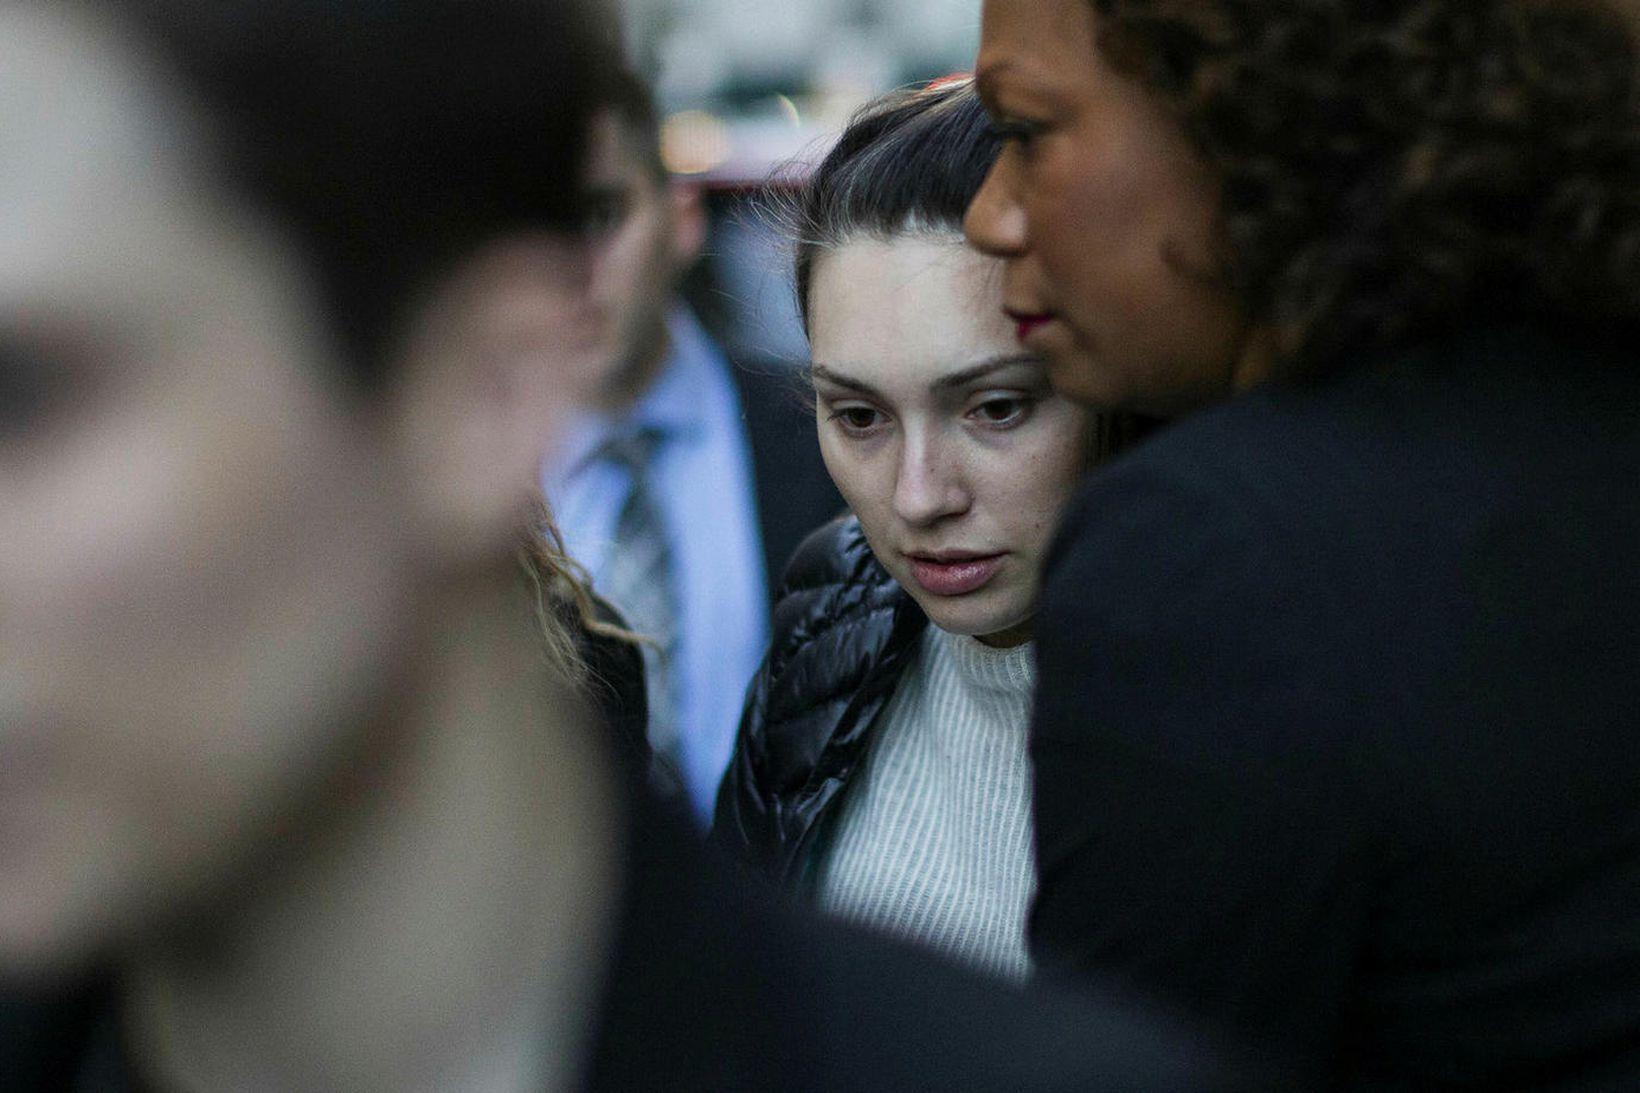 Réttarhöldin í New York snúast um brot Weinsteins gegn tveimur …